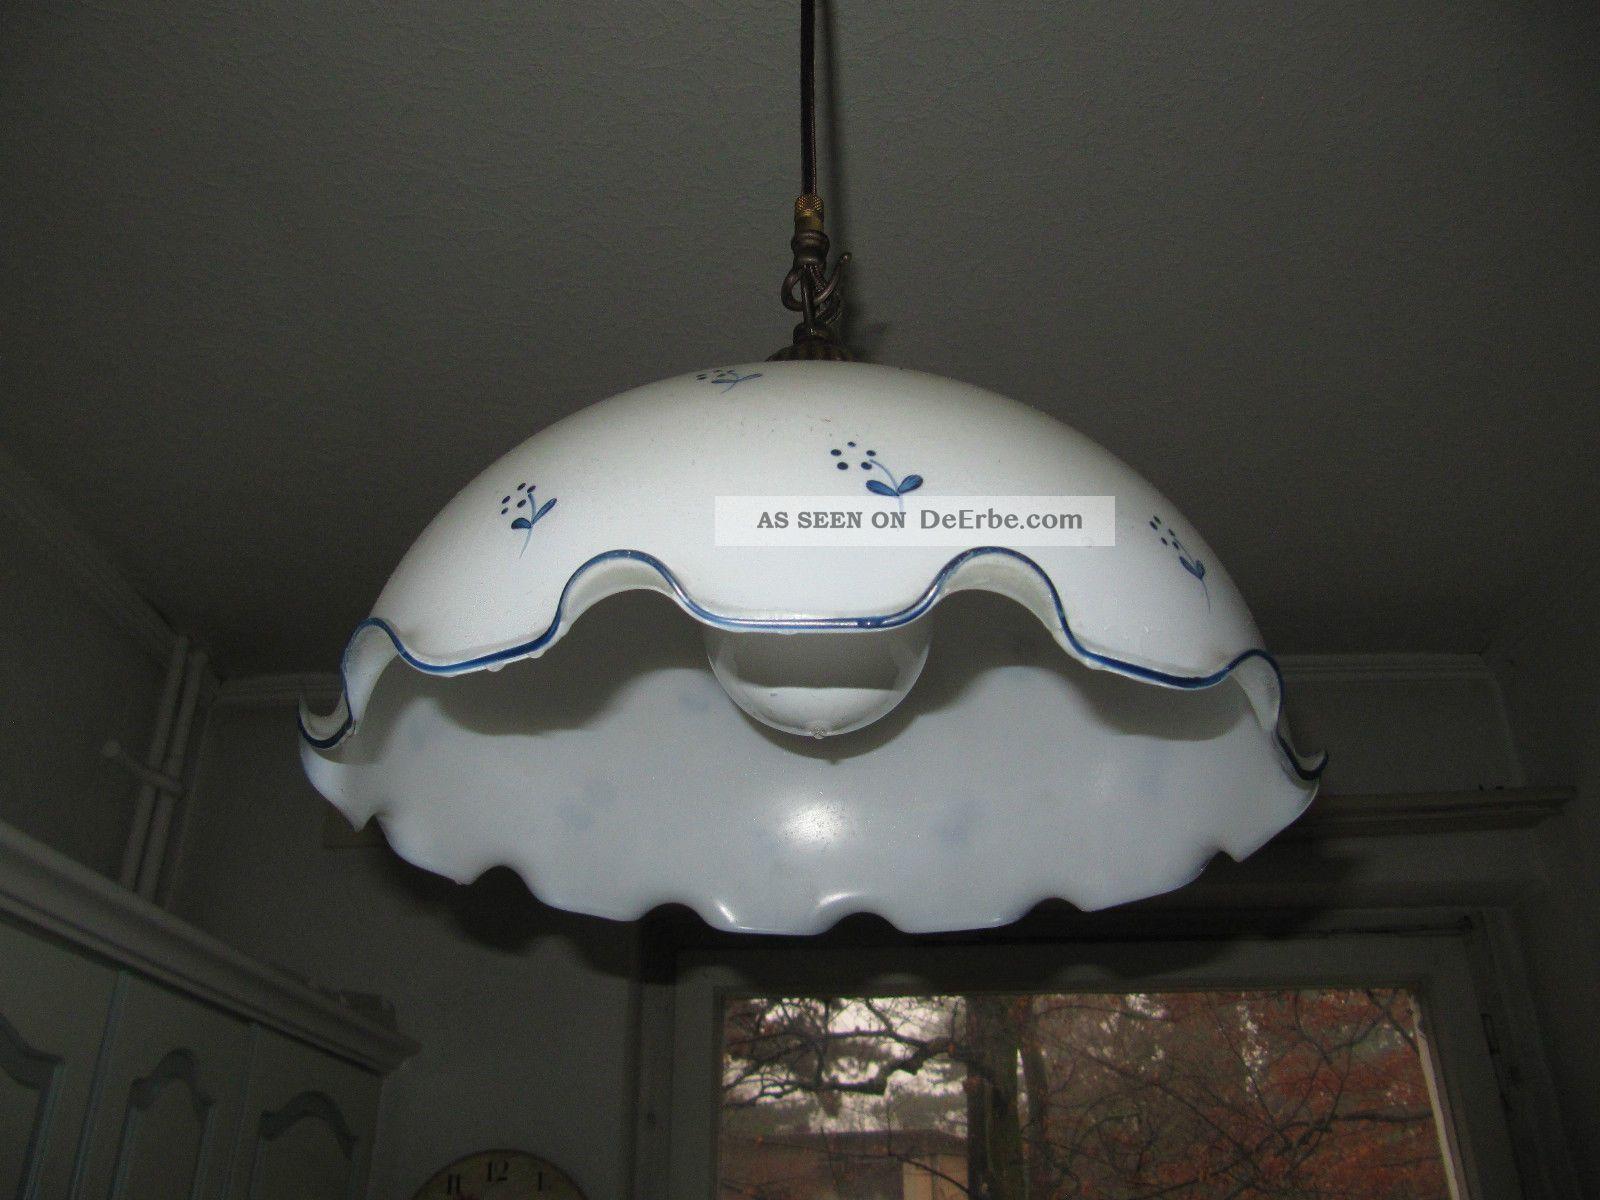 Alte Hngelampe Kchenlampe Glasschirm Wei Mit Blauen Blmchen Landhaus Vintage